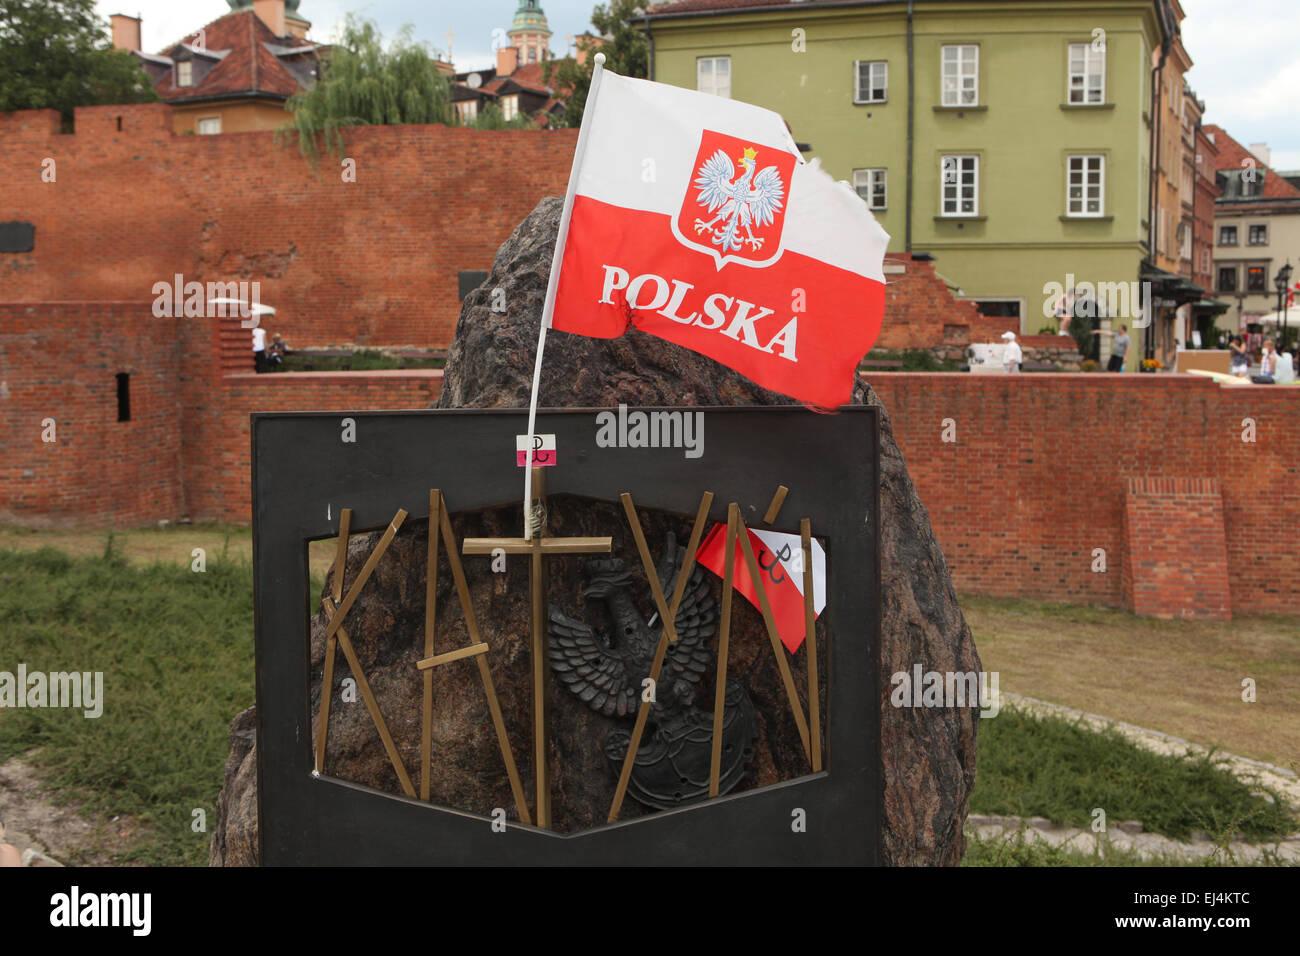 Katyn-Gedenkstätte für die Opfer der Massaker von Katyn (1940) in Warschau, Polen. Stockfoto